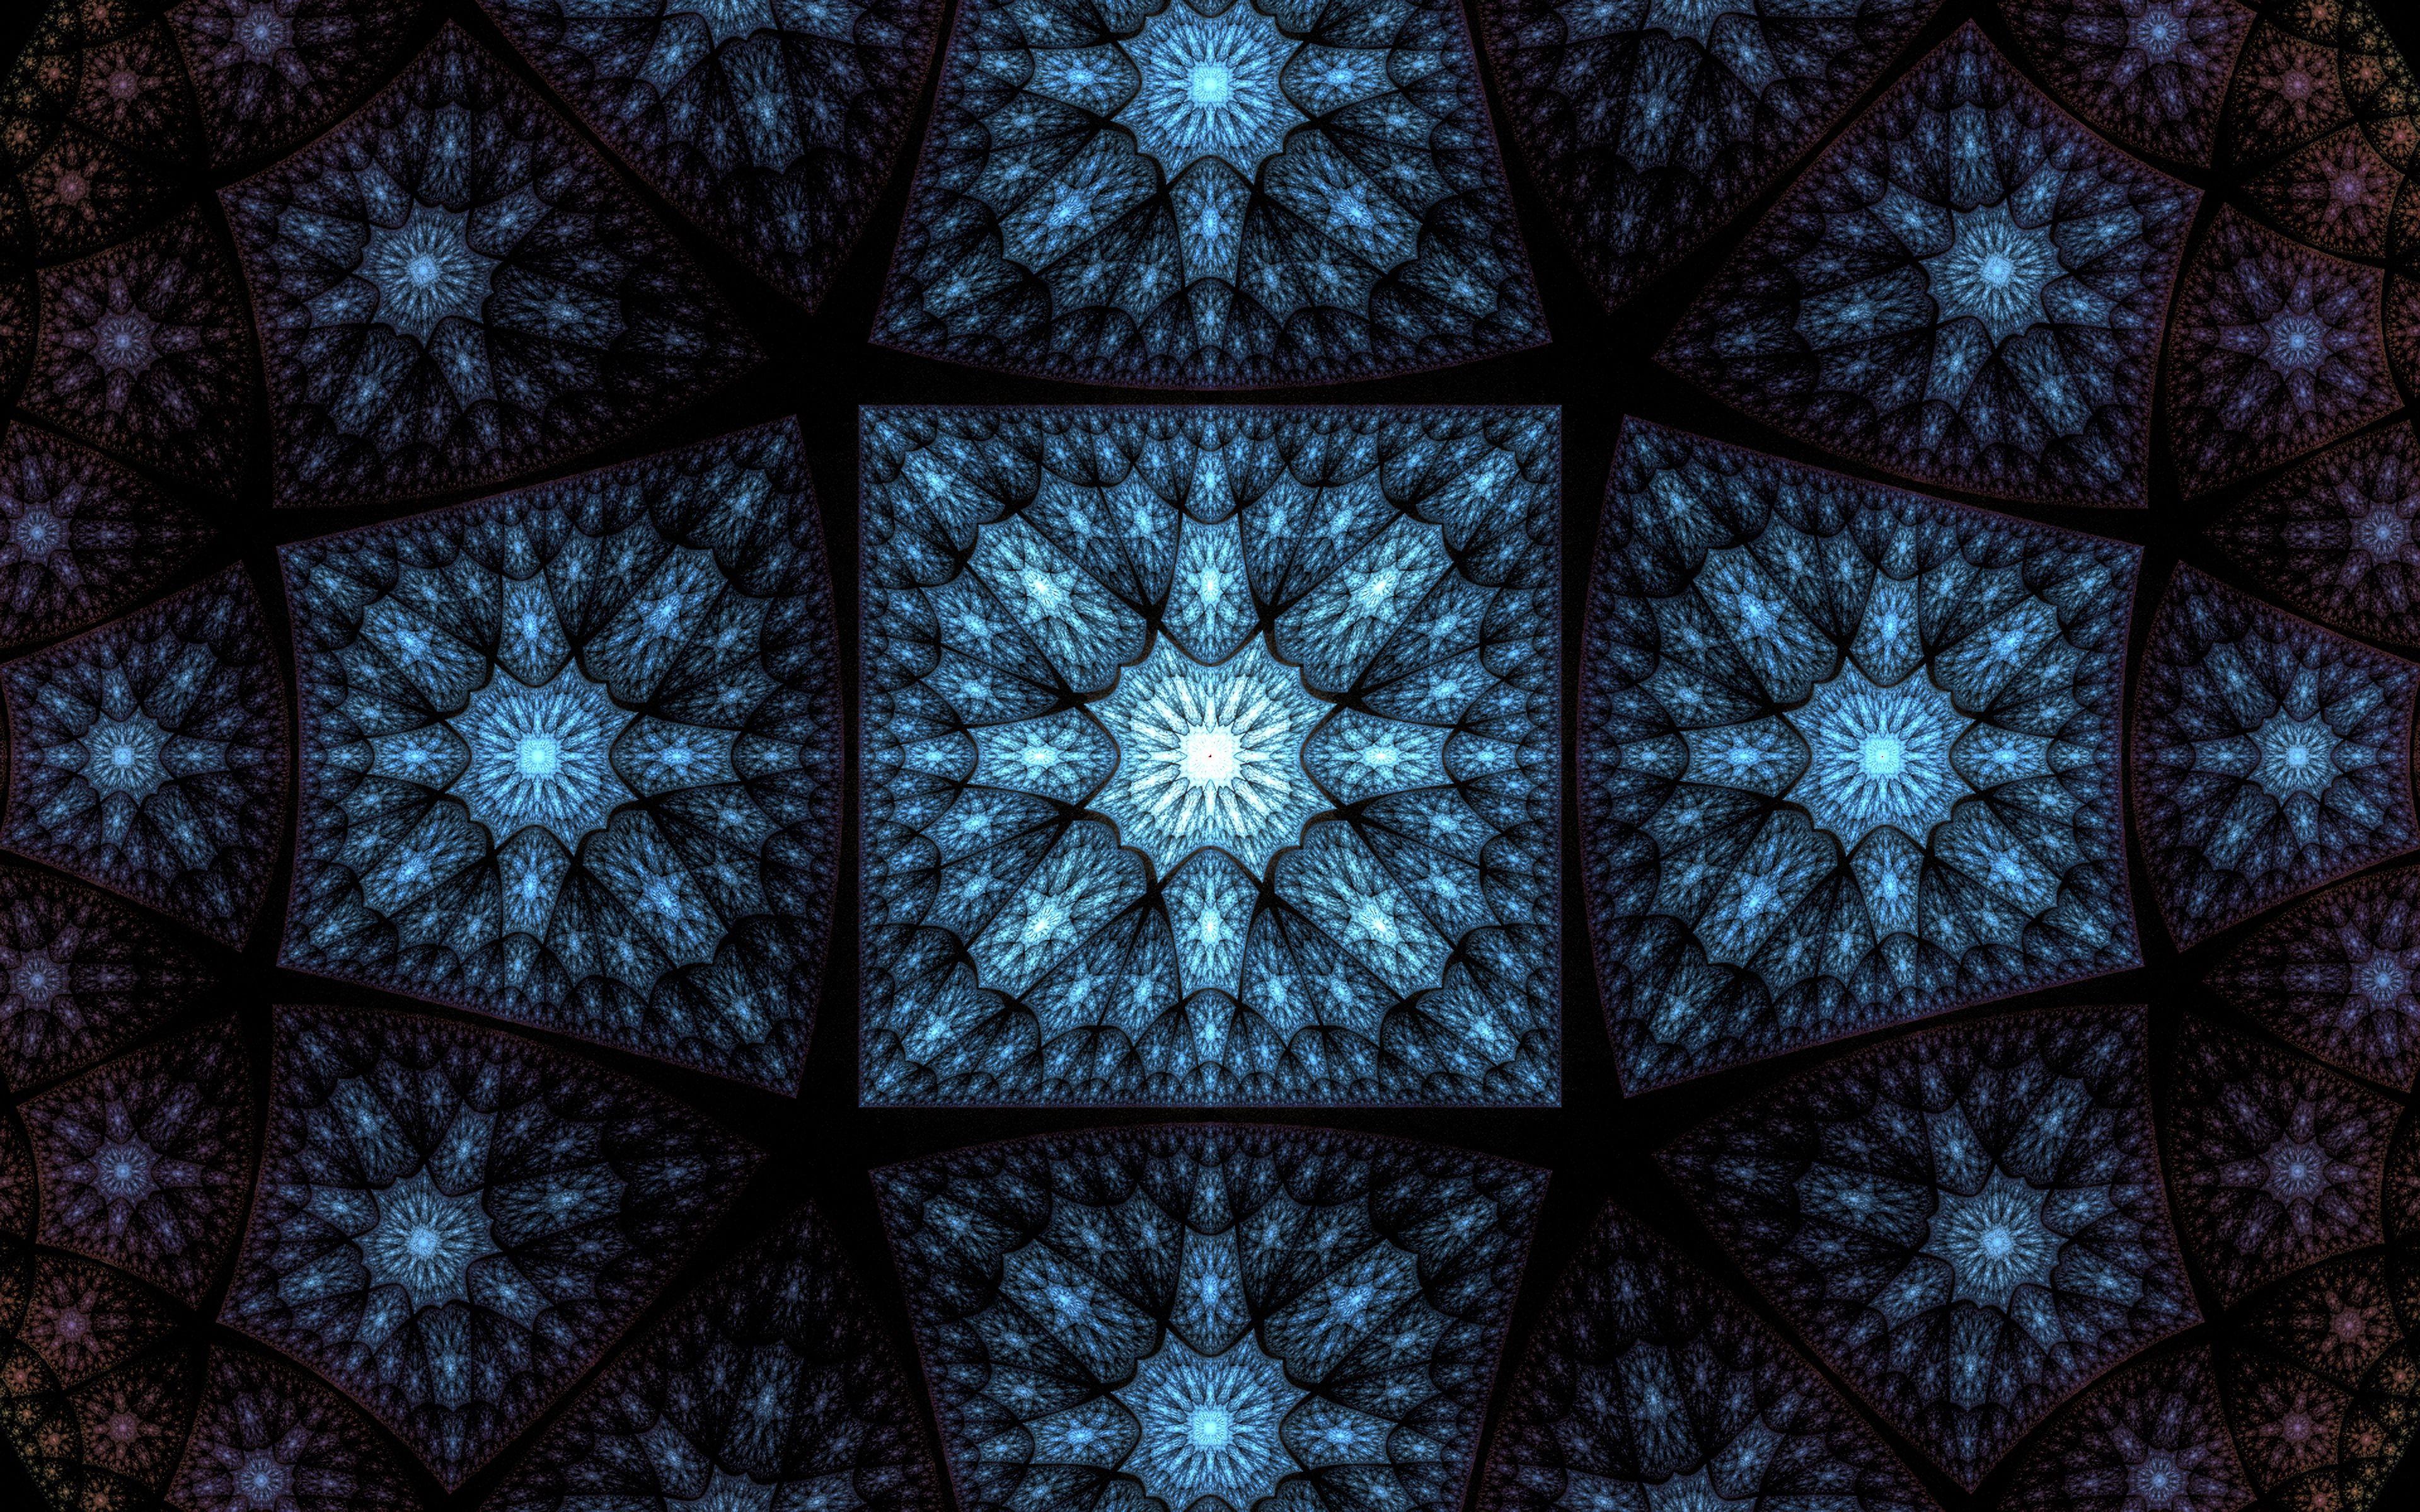 86997 papel de parede 320x480 em seu telefone gratuitamente, baixe imagens Abstrato, Estrelas, Brilho, Escuro, Brilhar, Fractal 320x480 em seu celular